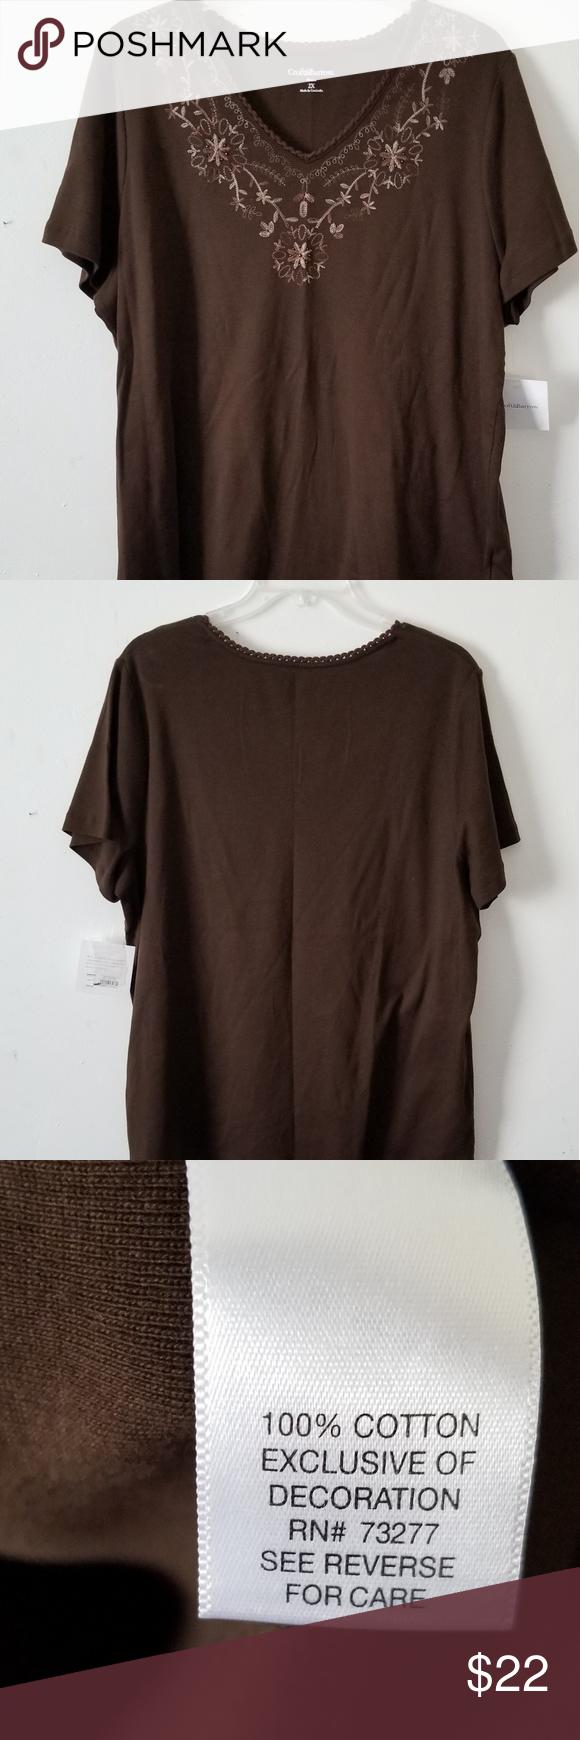 NWT Croft /& Barrow® Womens Plus Size Nightgown Size 2X